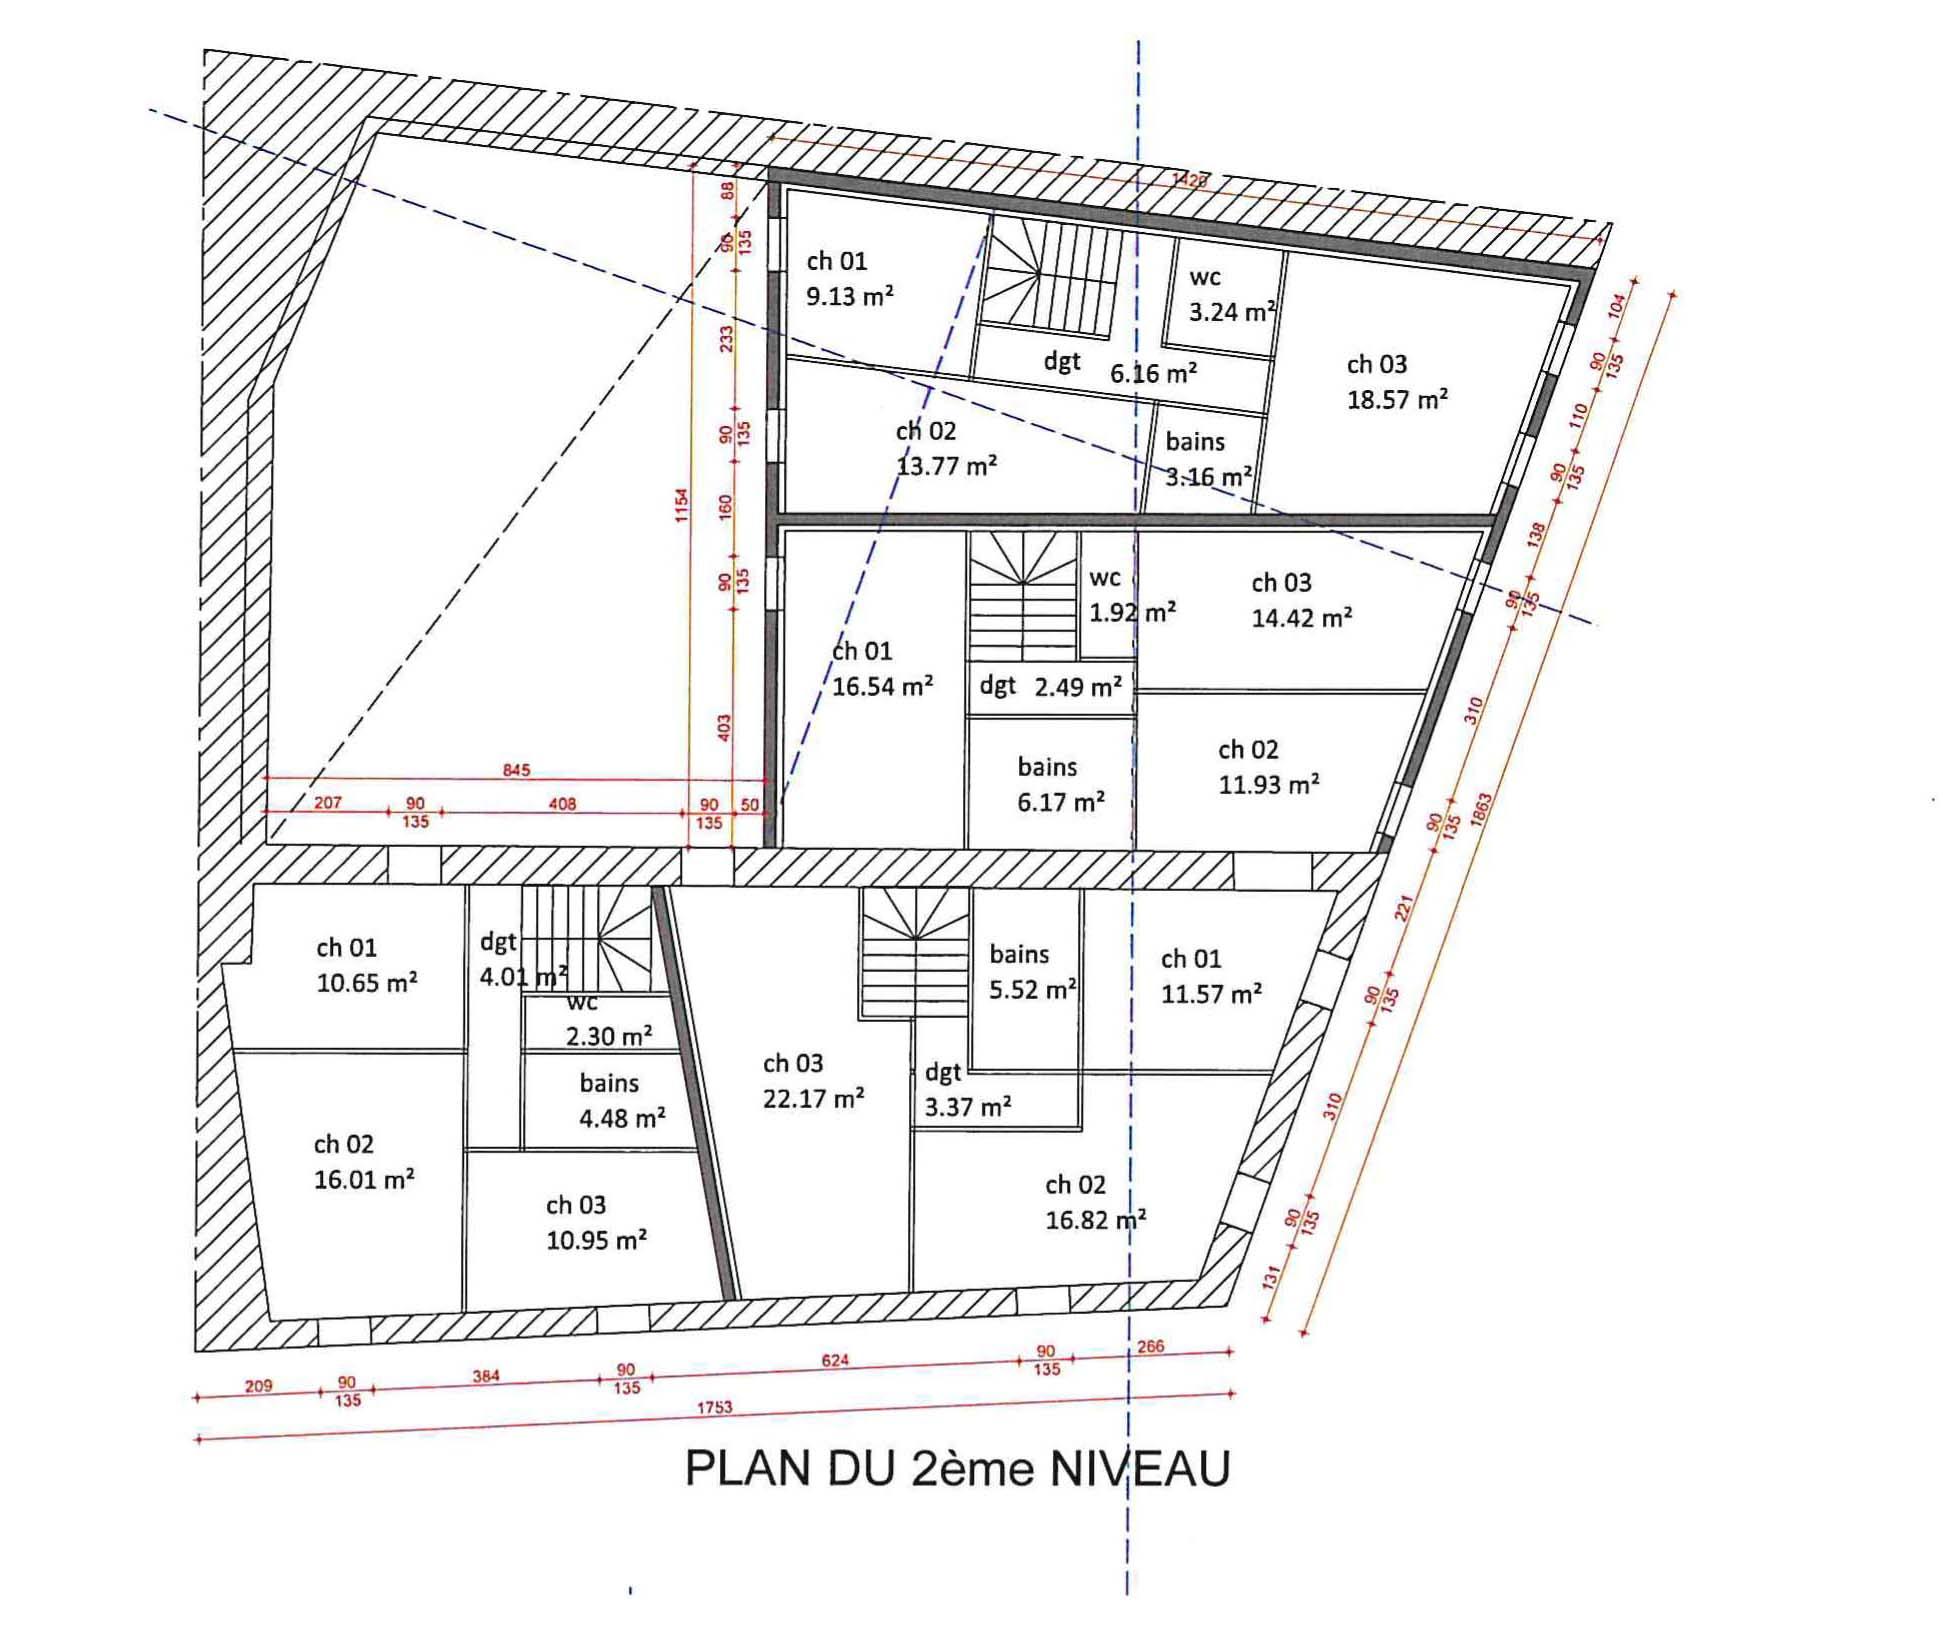 0 Scan 11 Plan 2eme niveau